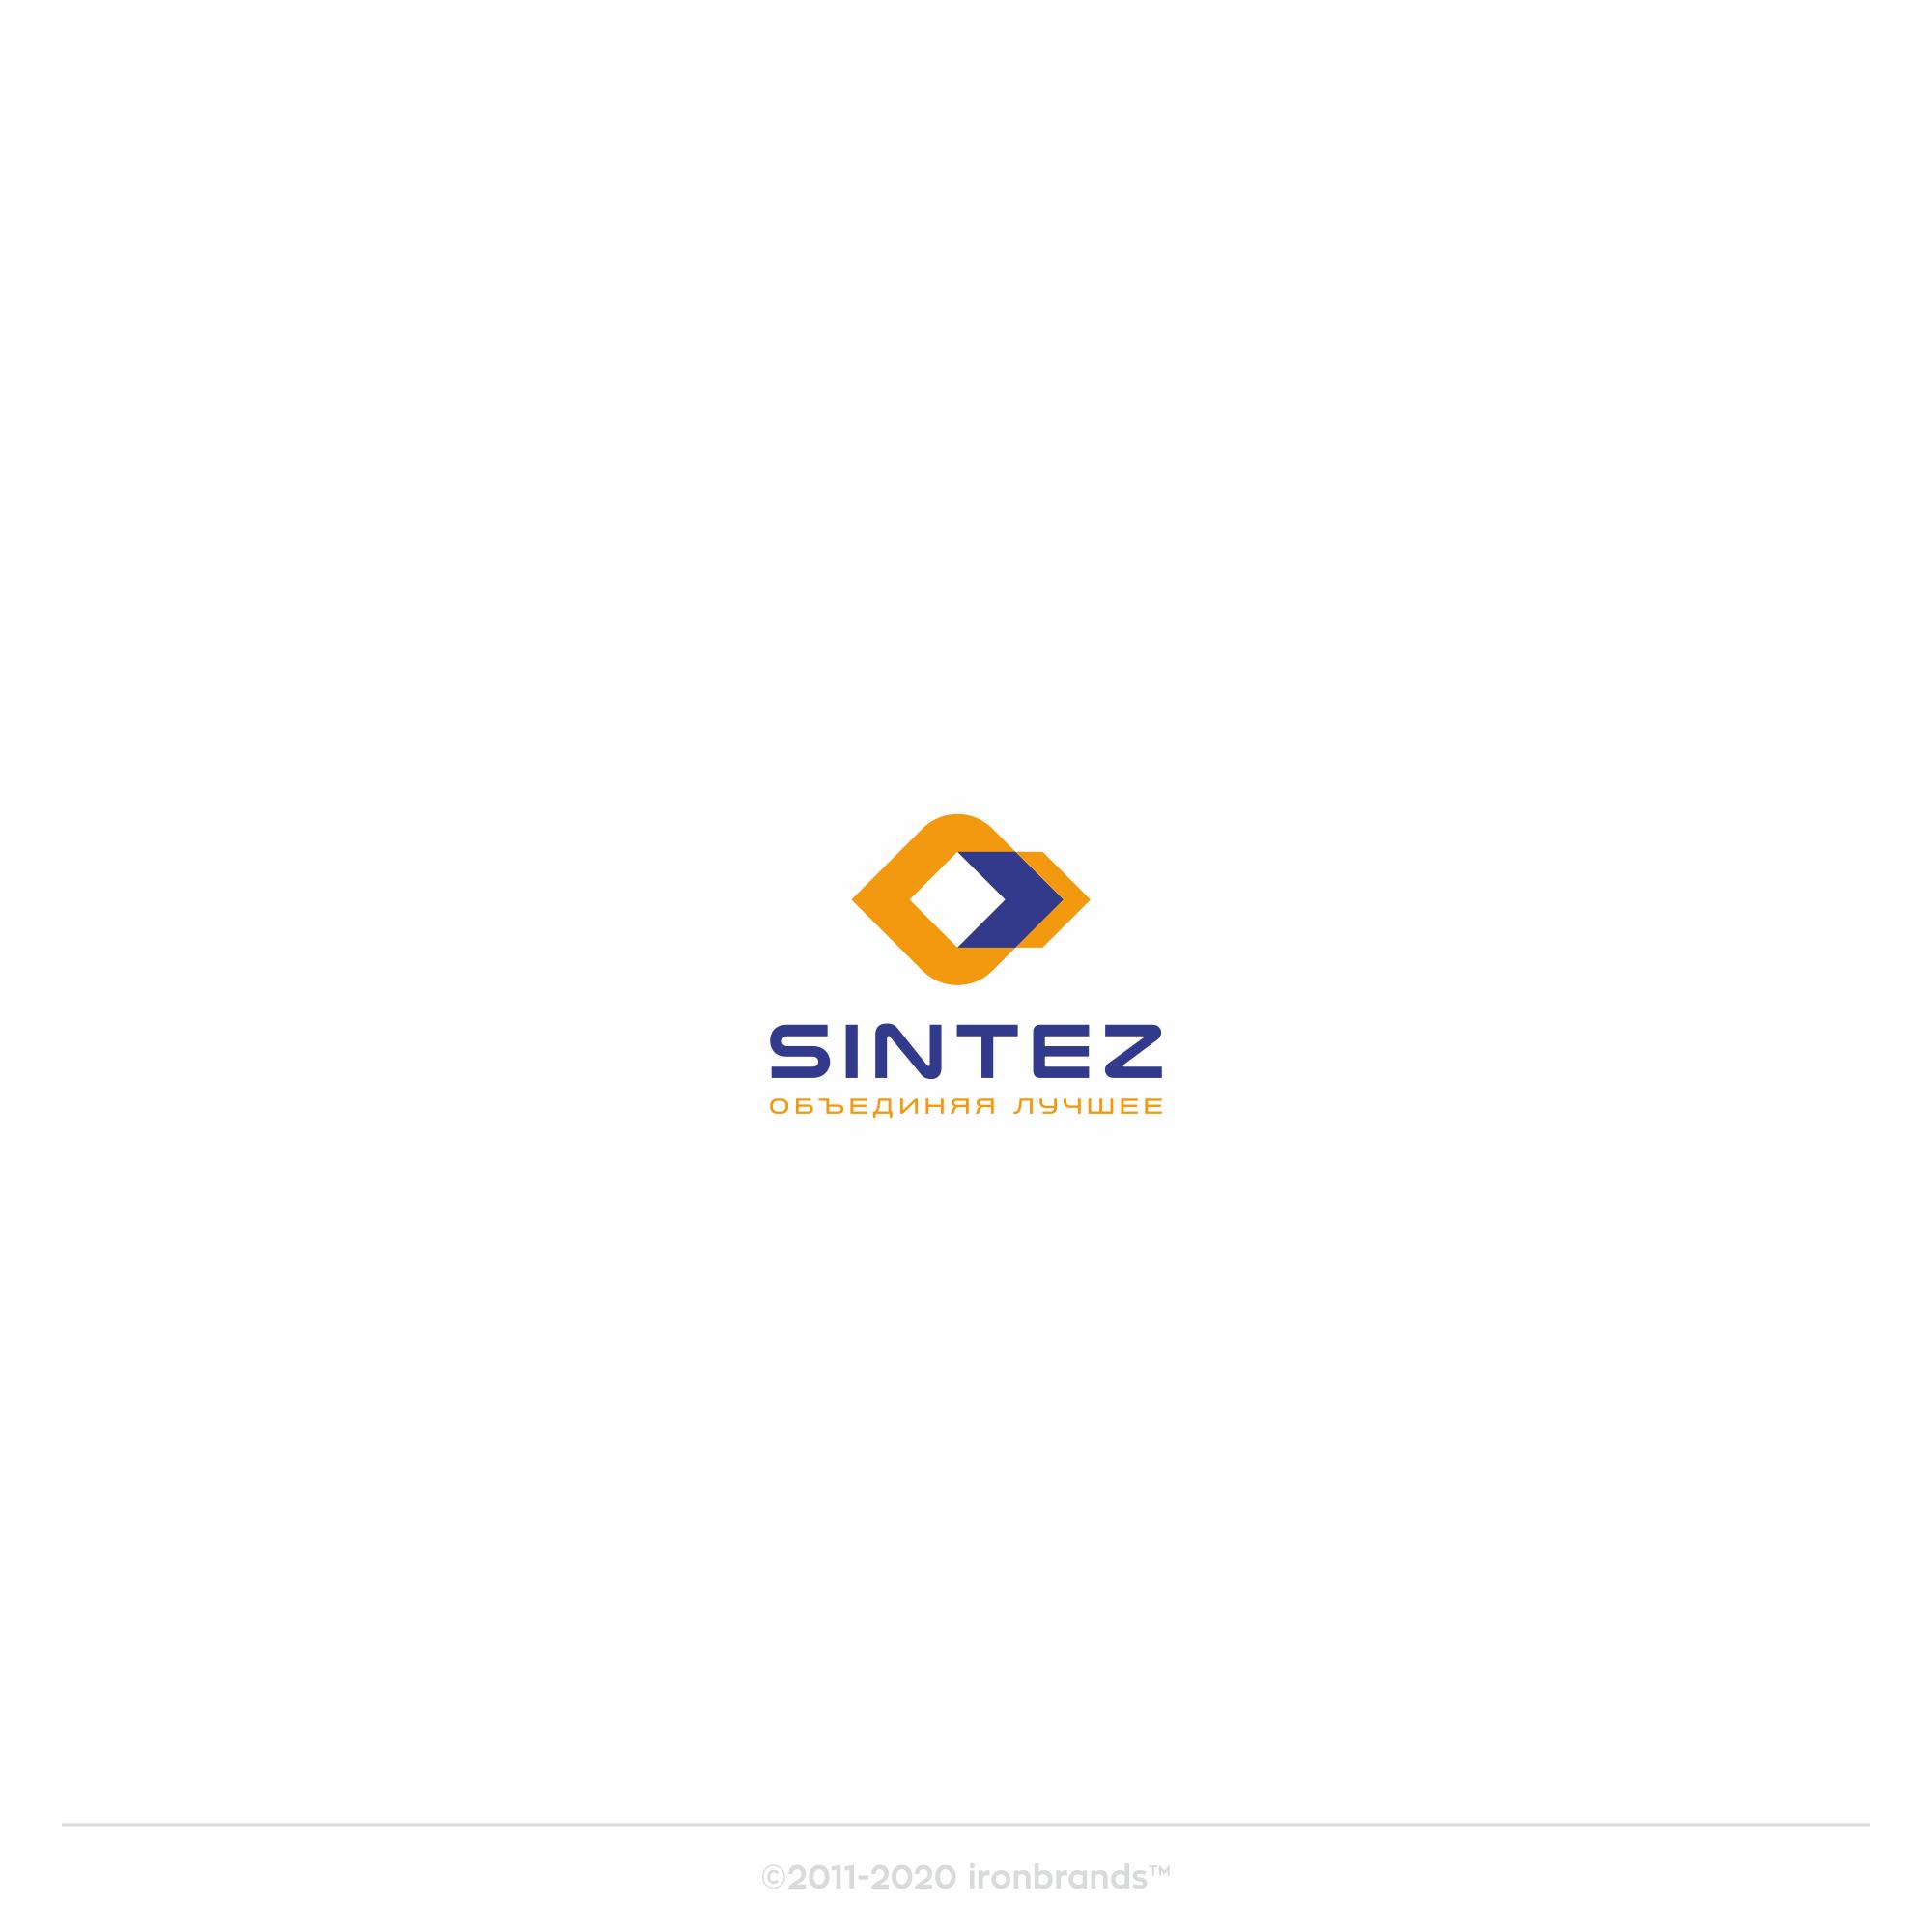 Разрабтка логотипа компании и фирменного шрифта фото f_2195f630fac6f29e.jpg